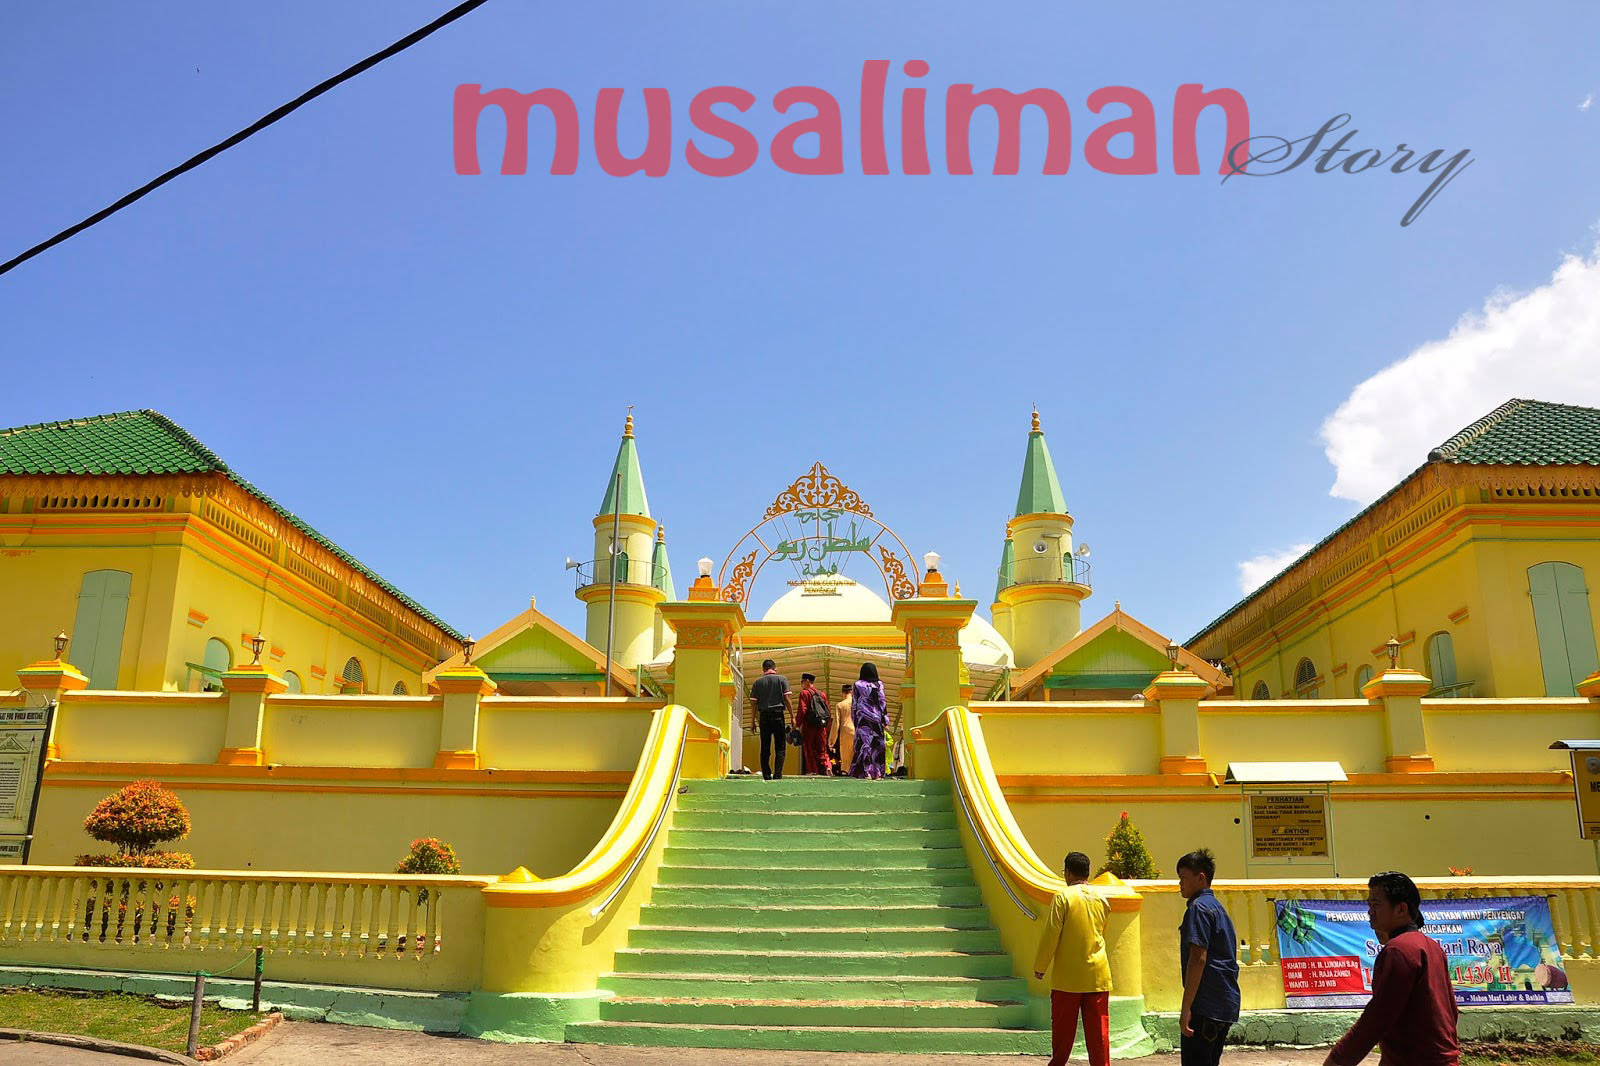 Musaliman Story Sejarah Singkat Masjid Penyengat Raya Sultan Tanjungpinang Kepulauan